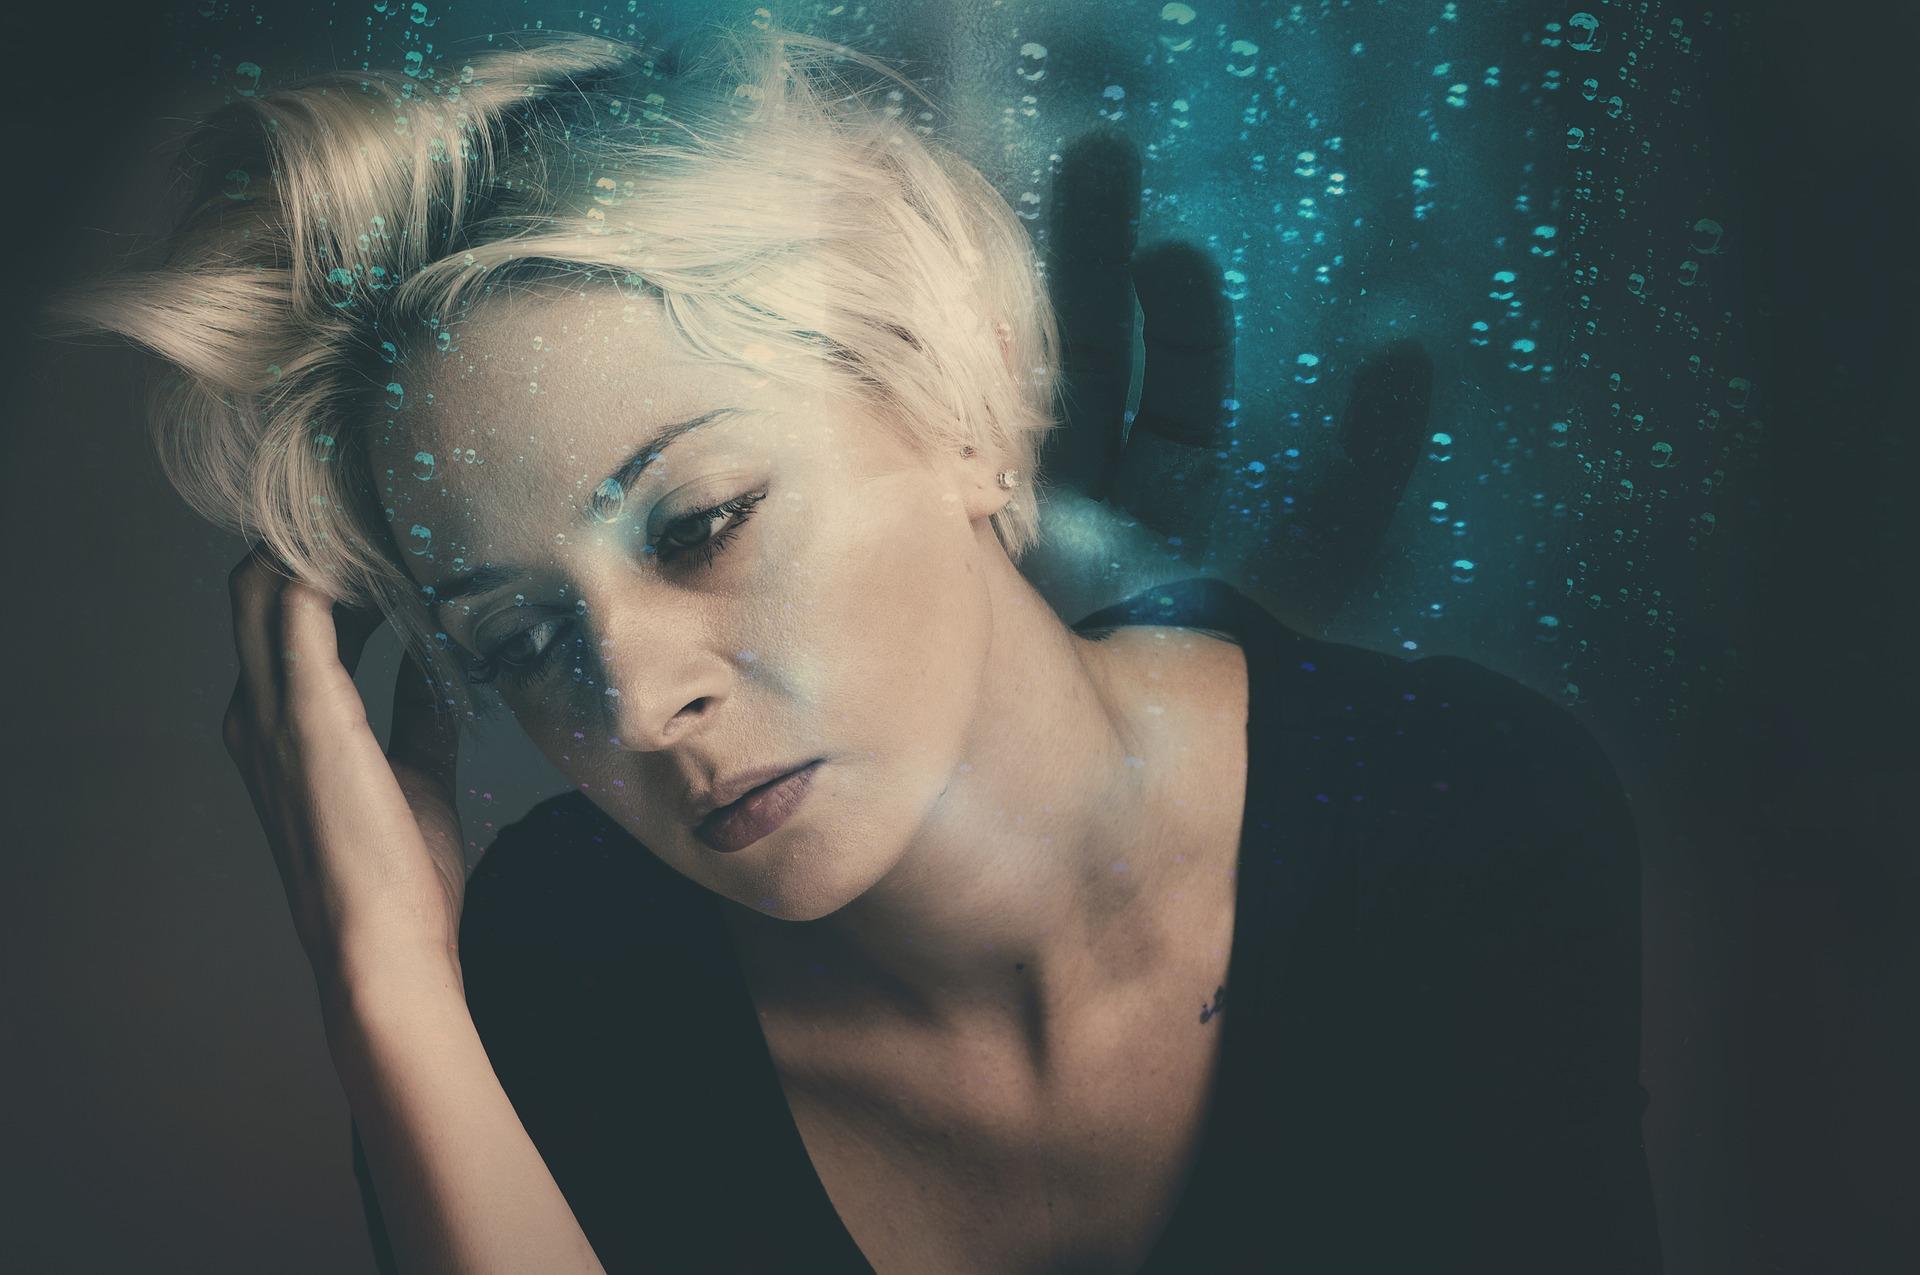 Los debería, unos pensamientos que nos producen ansiedad